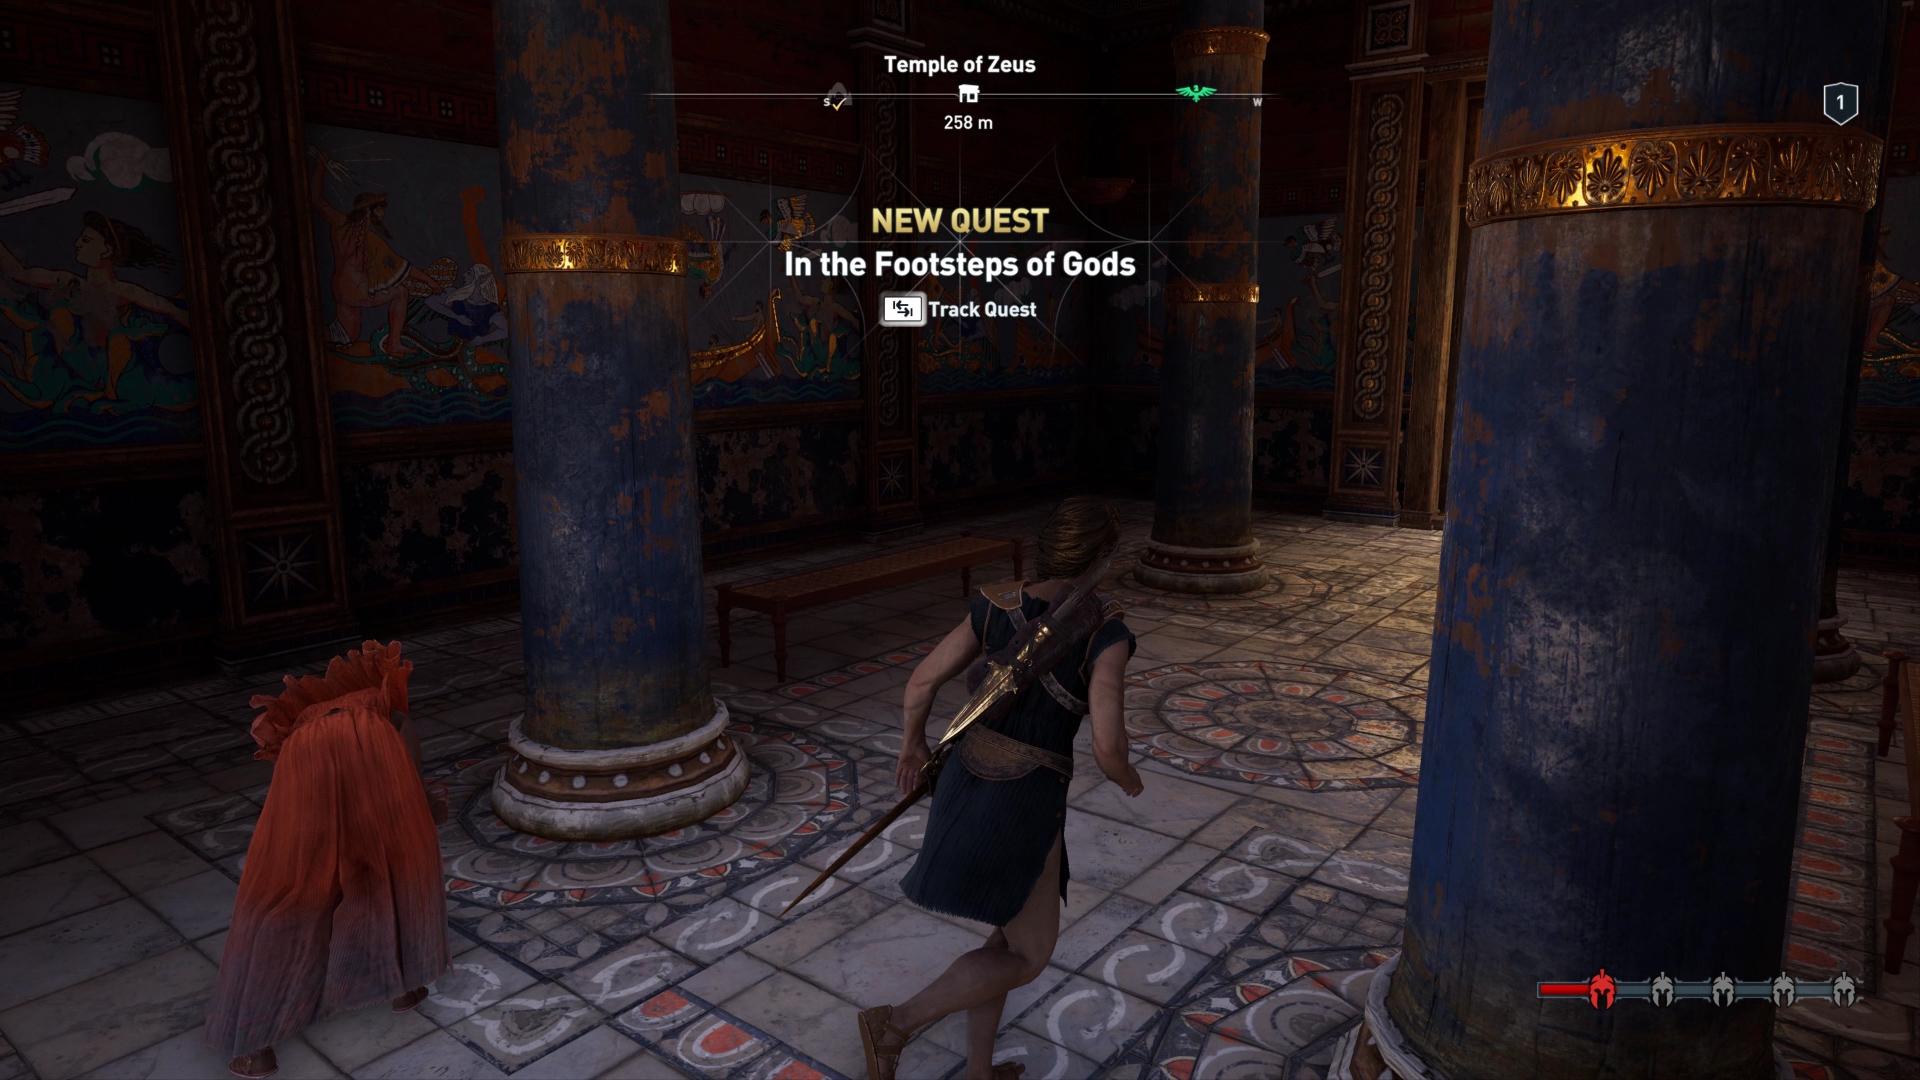 Assassin's Creed  Odyssey 2018.11.27 - 19.17.03.01.01_09_26_10.Still032.jpg